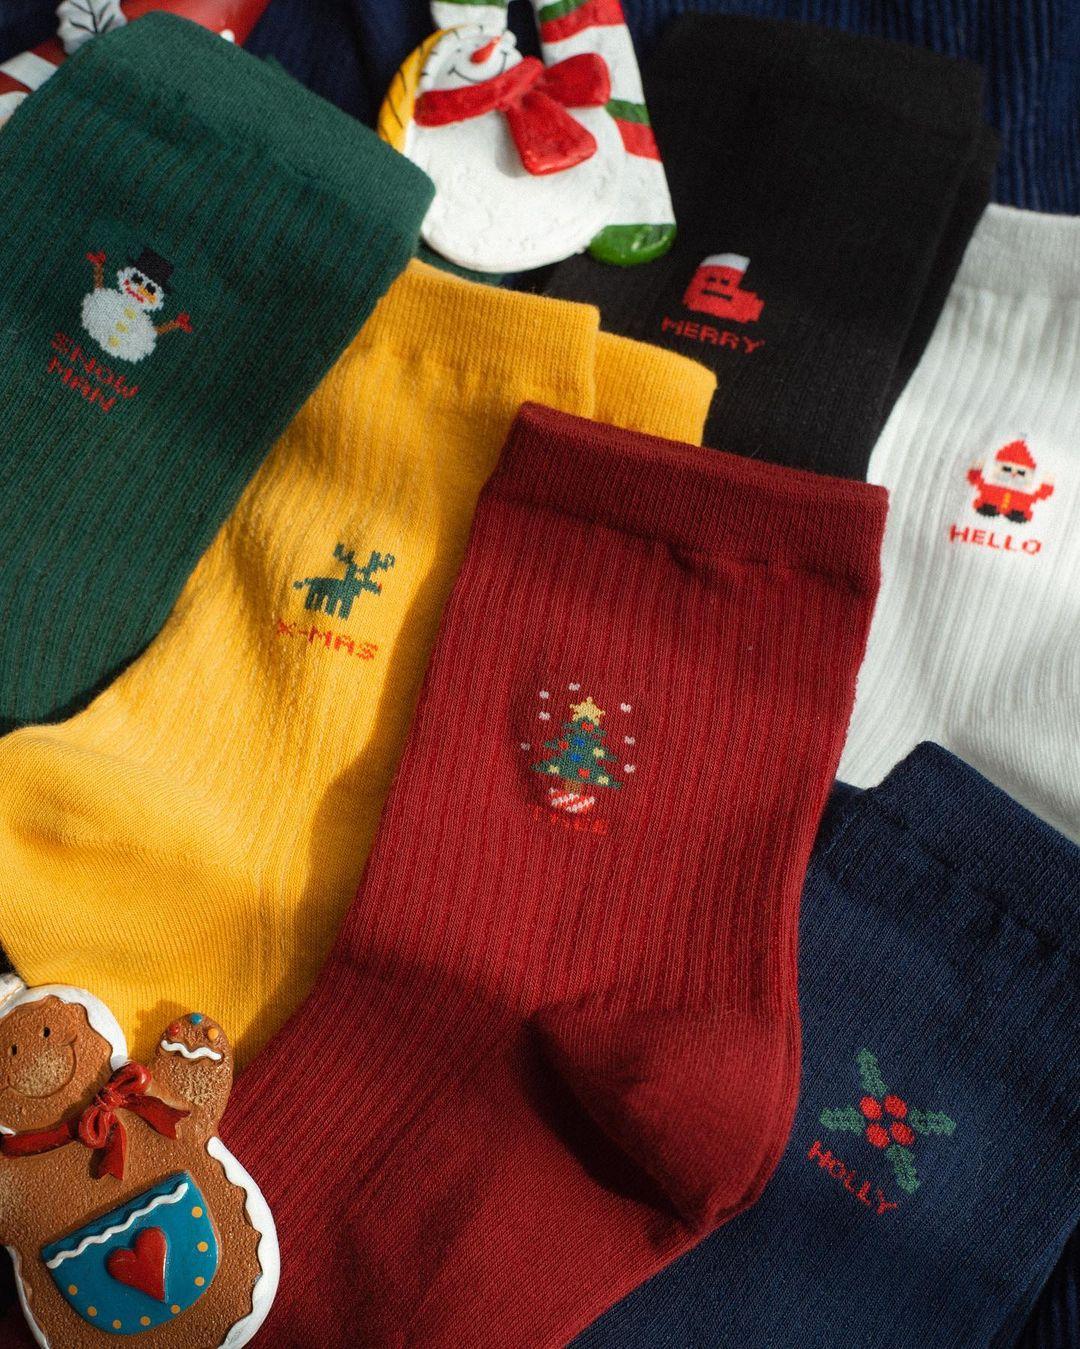 Tất Giáng sinh giá hạt dẻ mà cực yêu, mua để diện hay đem tặng cũng hết ý - Ảnh 2.